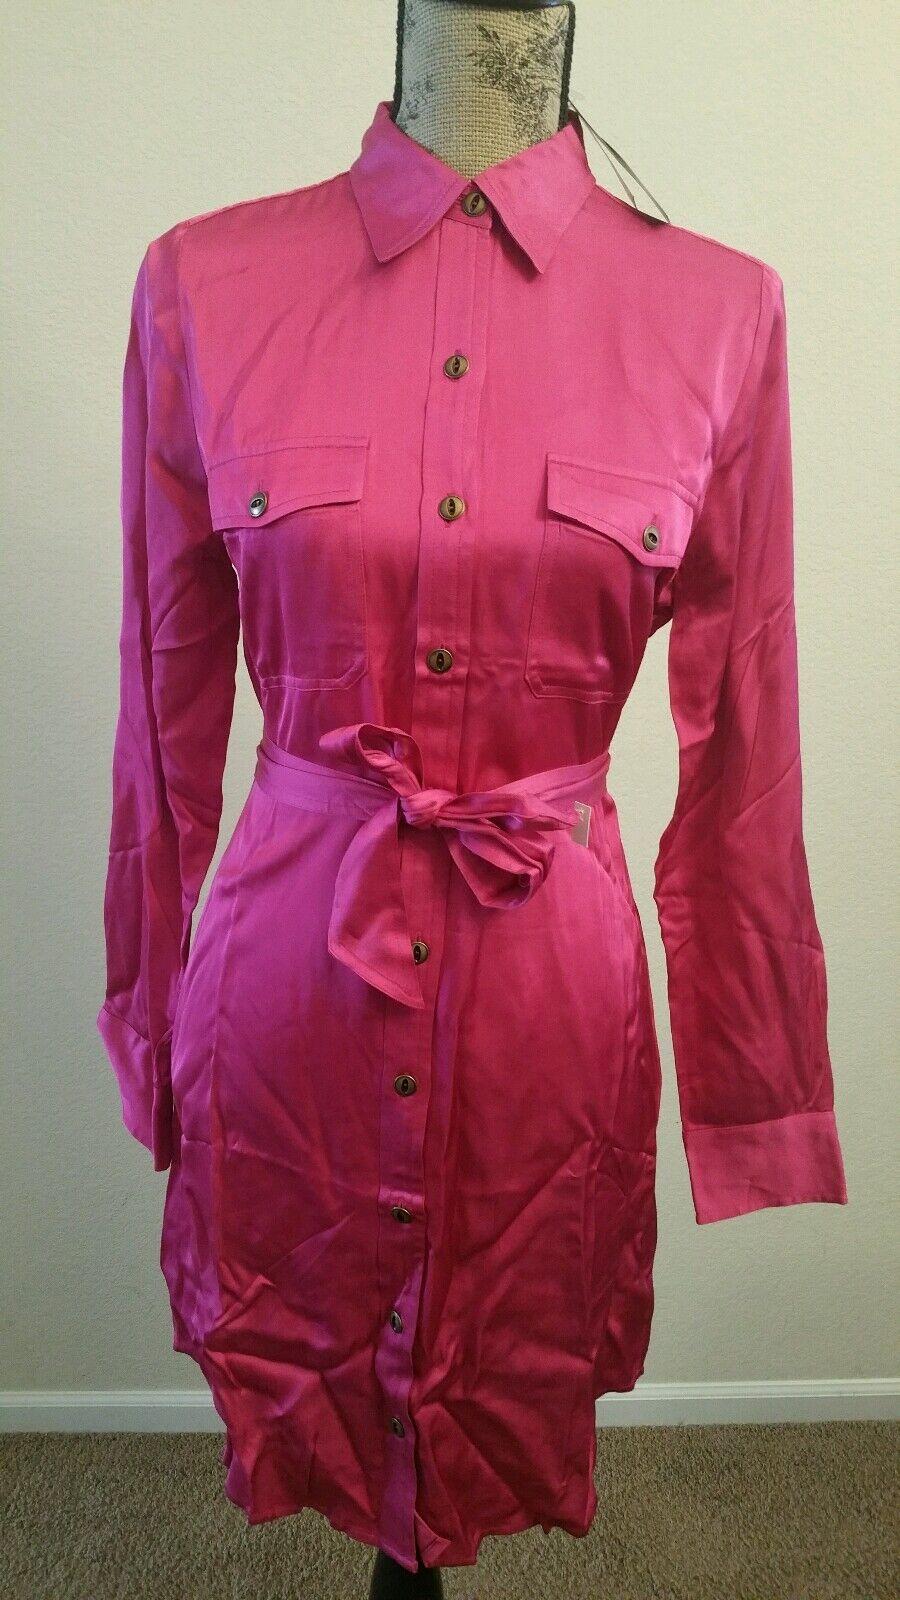 LAUREN RALPH LAUREN WOMEN BELT BUTTON DOWN MILITARY SHIRT DRESS PINK SZ 8P